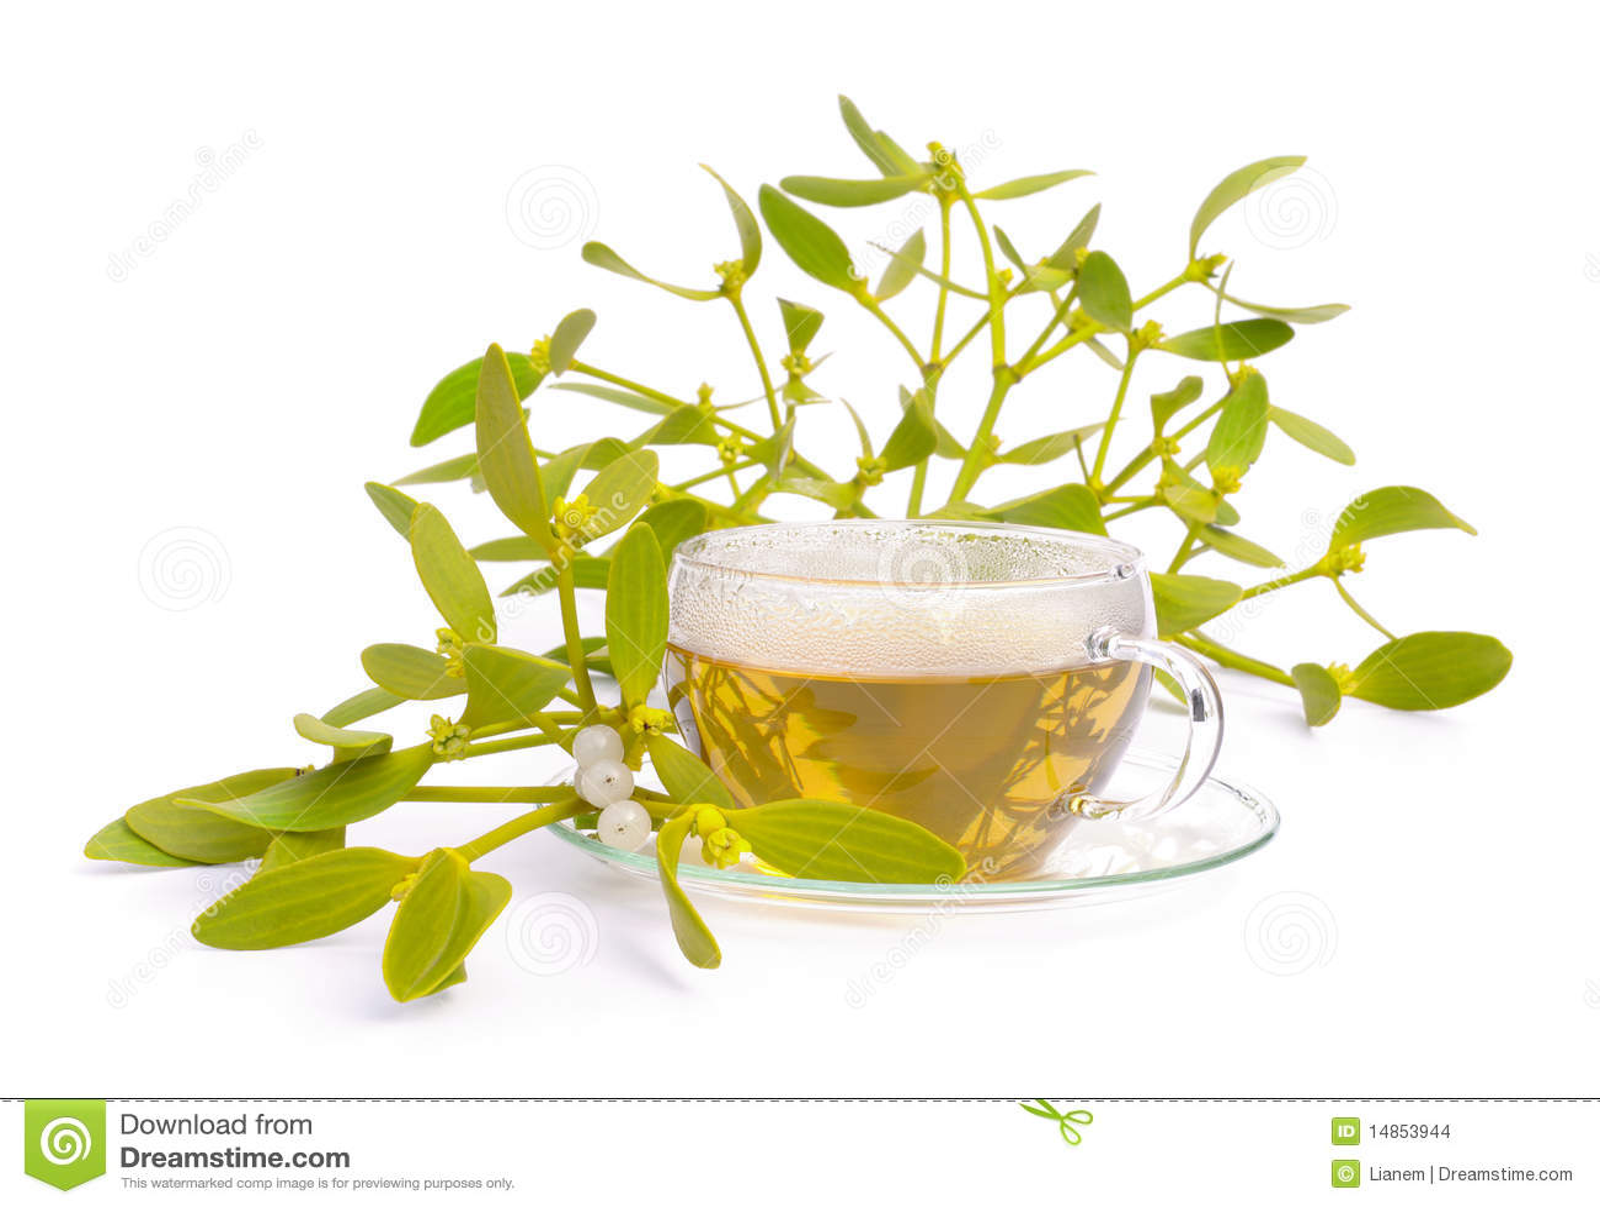 Tea mistletoe